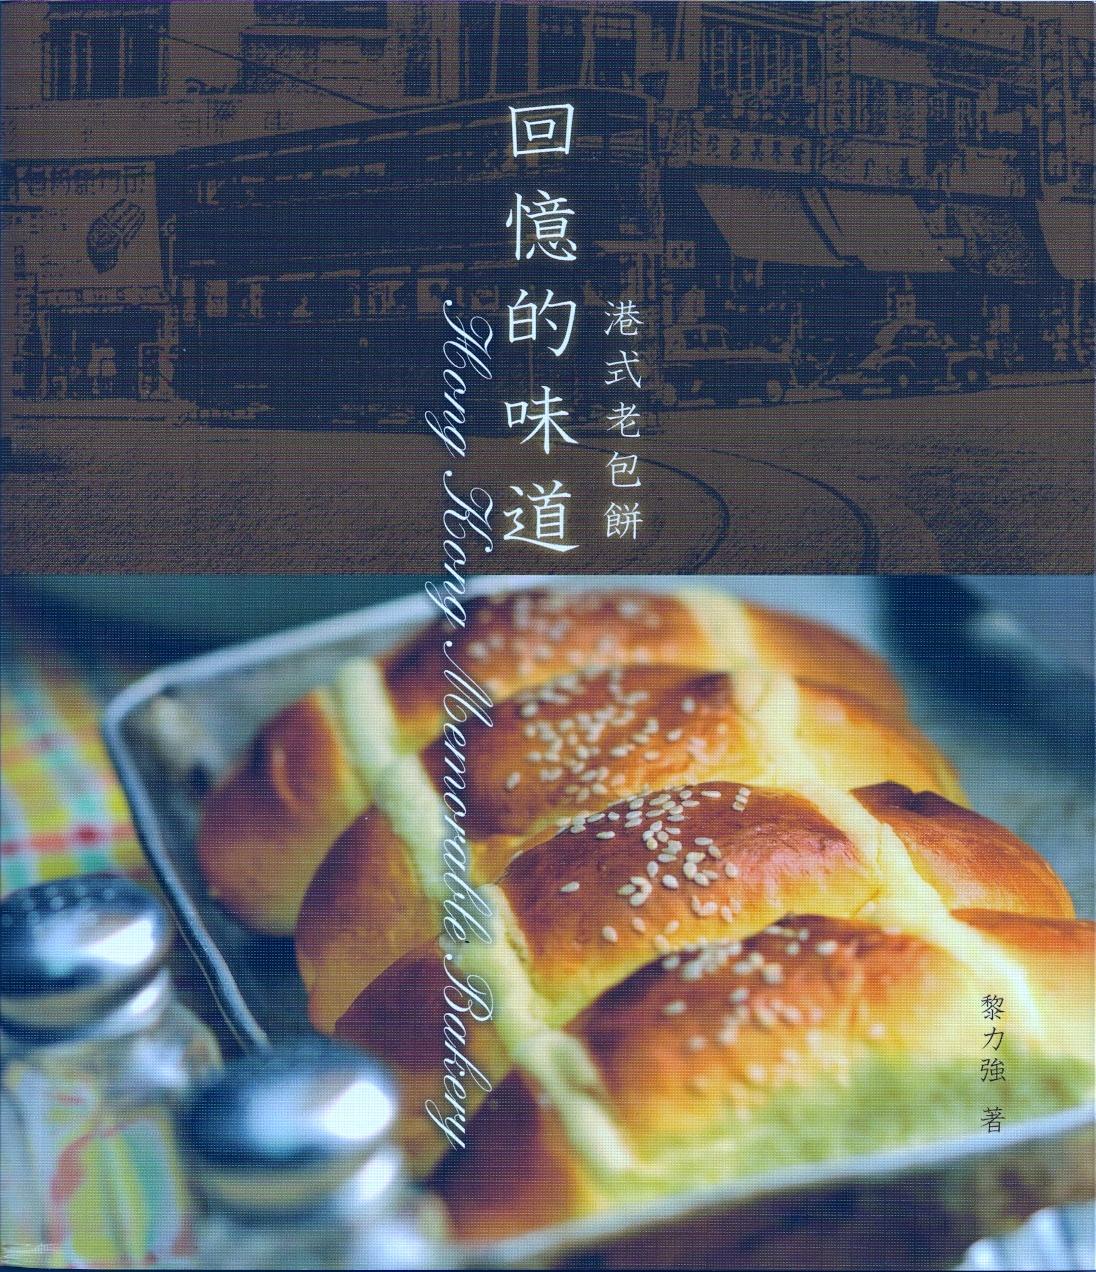 回憶的味道 -- 港式老包餅